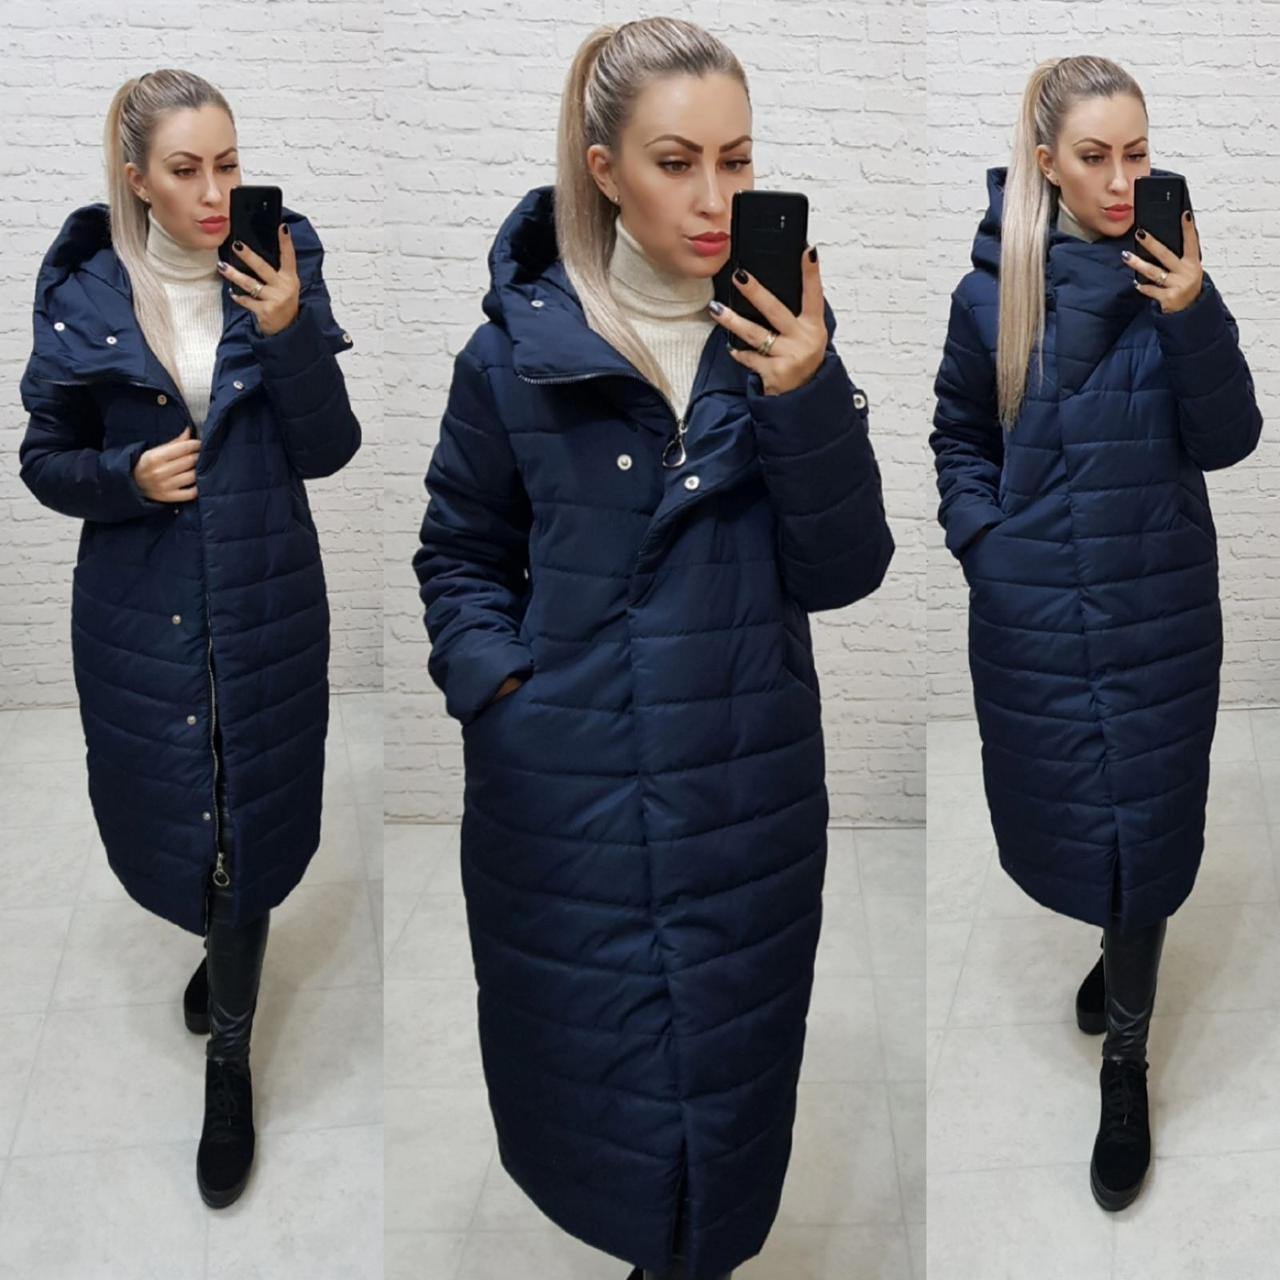 Куртка зимняя тёплая, есть большие размеры, арт 180, тёмно синего цвета / цвет тёмно синий